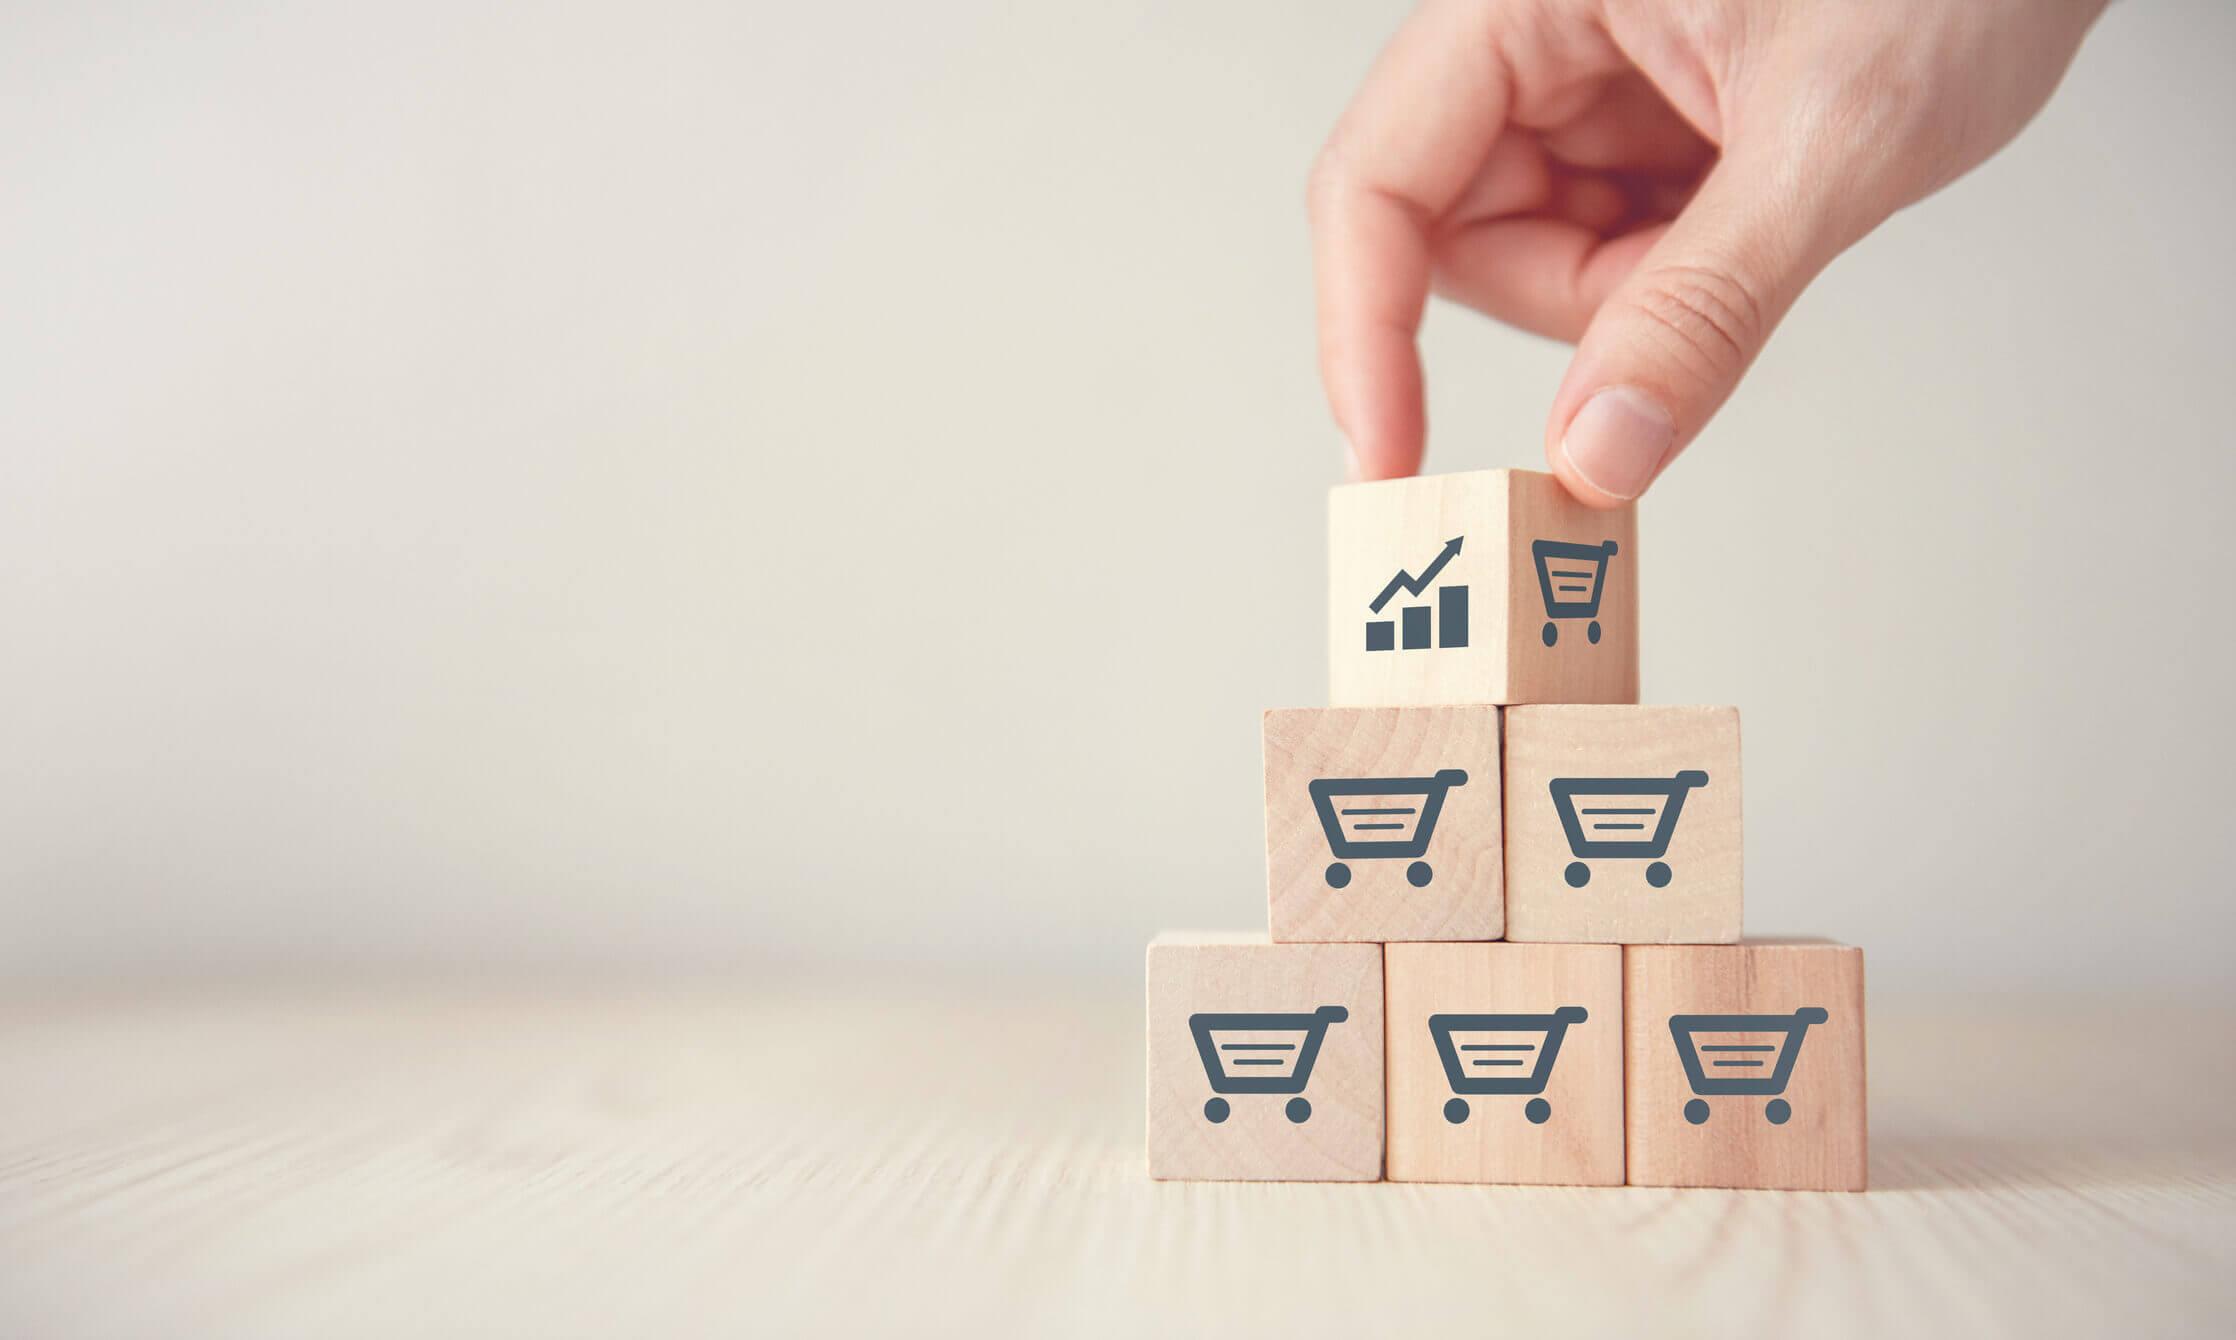 Die Zukunft des E-Commerce: Ein Blick in das Online-Shopping von morgen